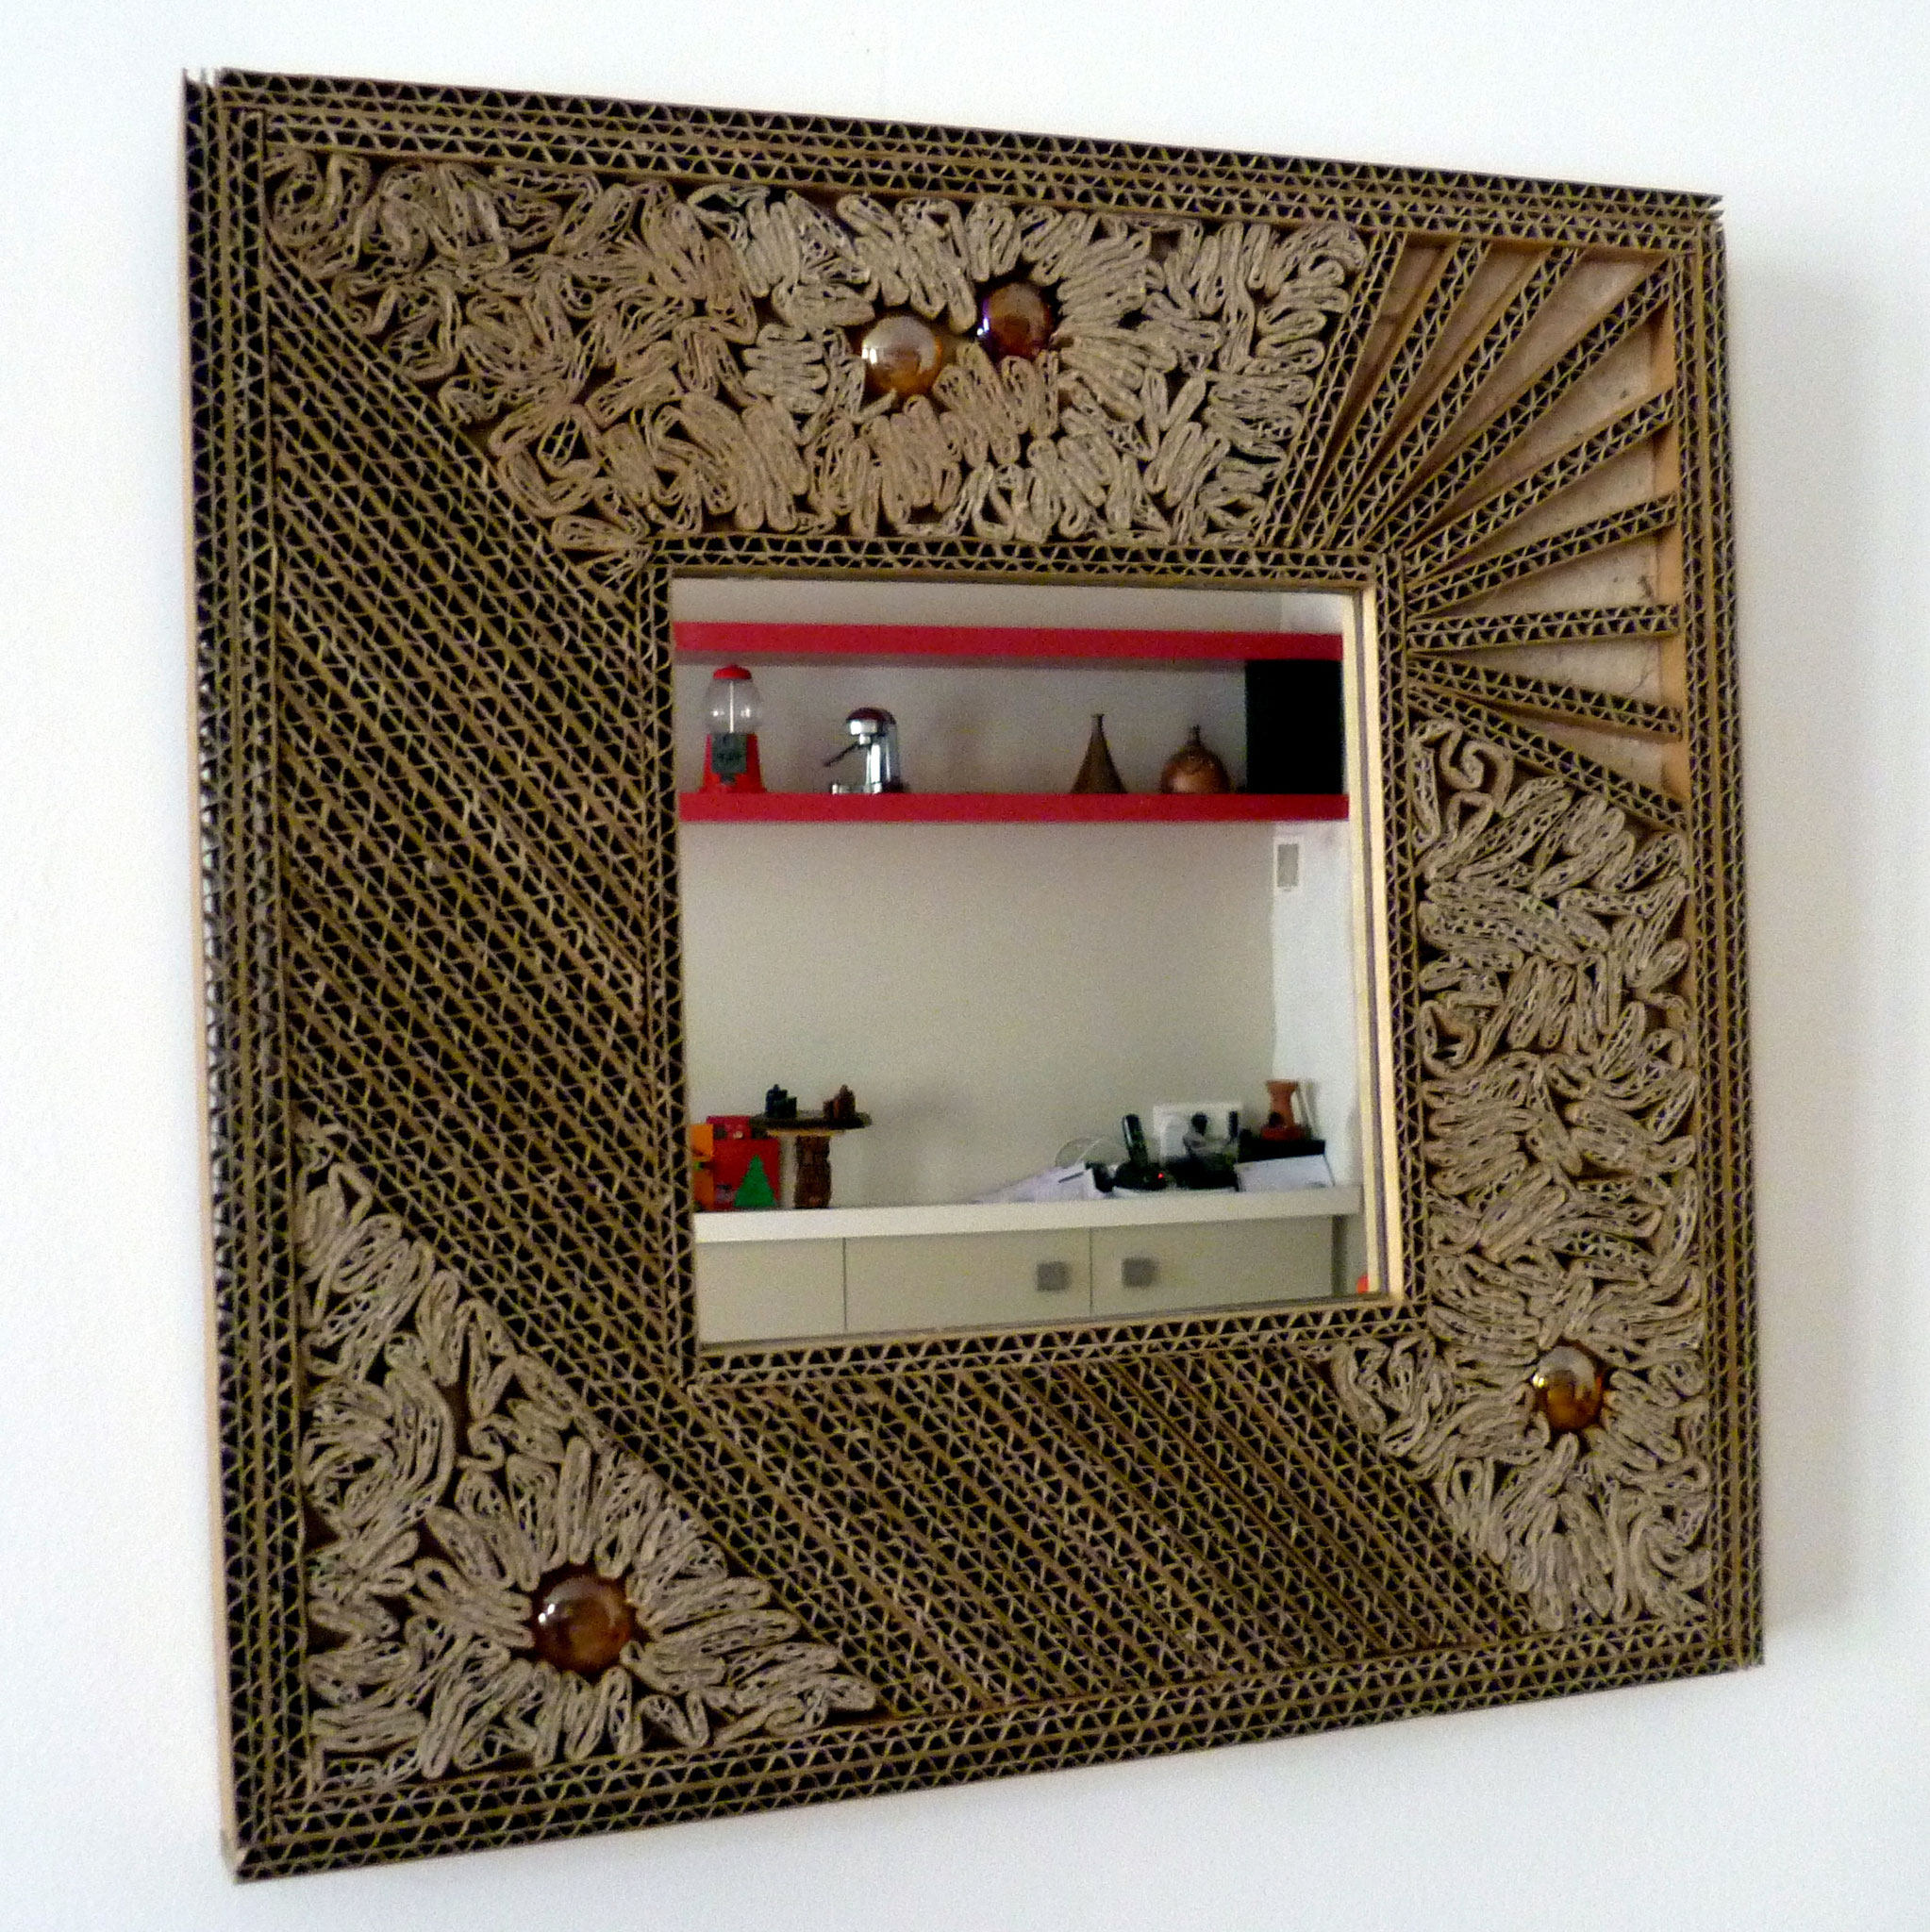 Fabriquer des cadres photos fashion designs - Fabriquer un cadre en carton ...